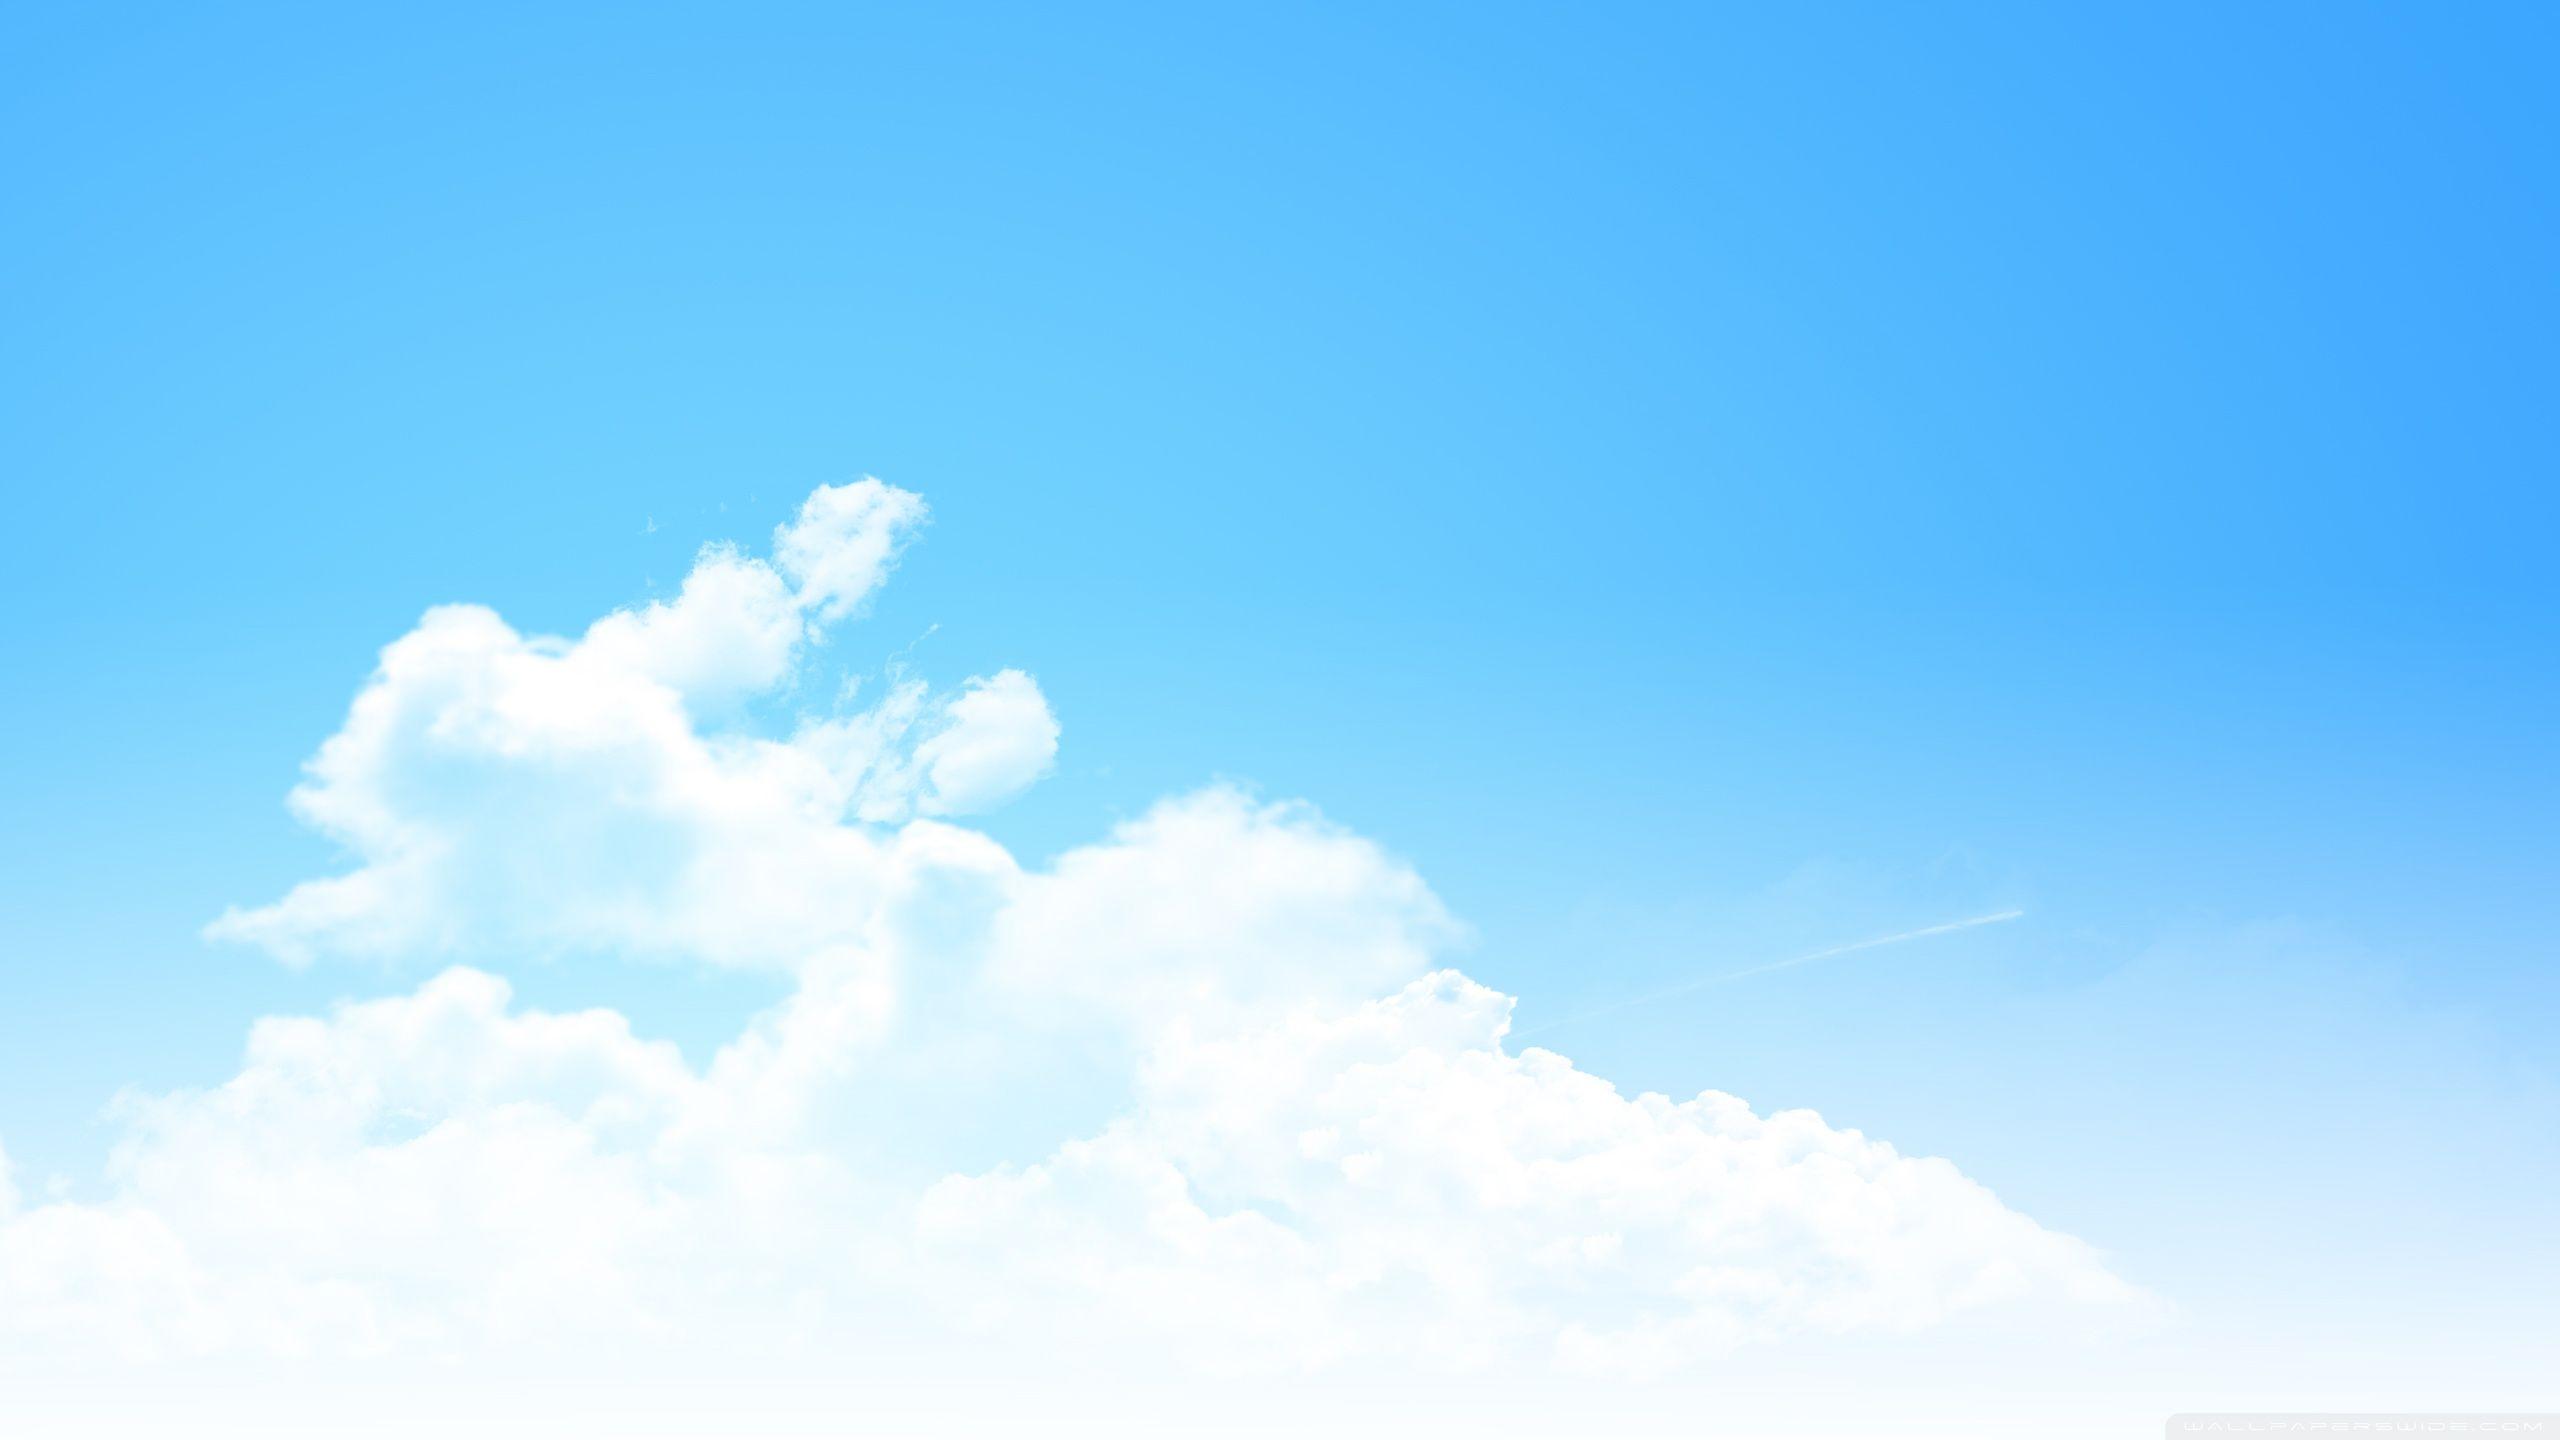 Ảnh background bầu trời xanh mây trắng cực đẹp